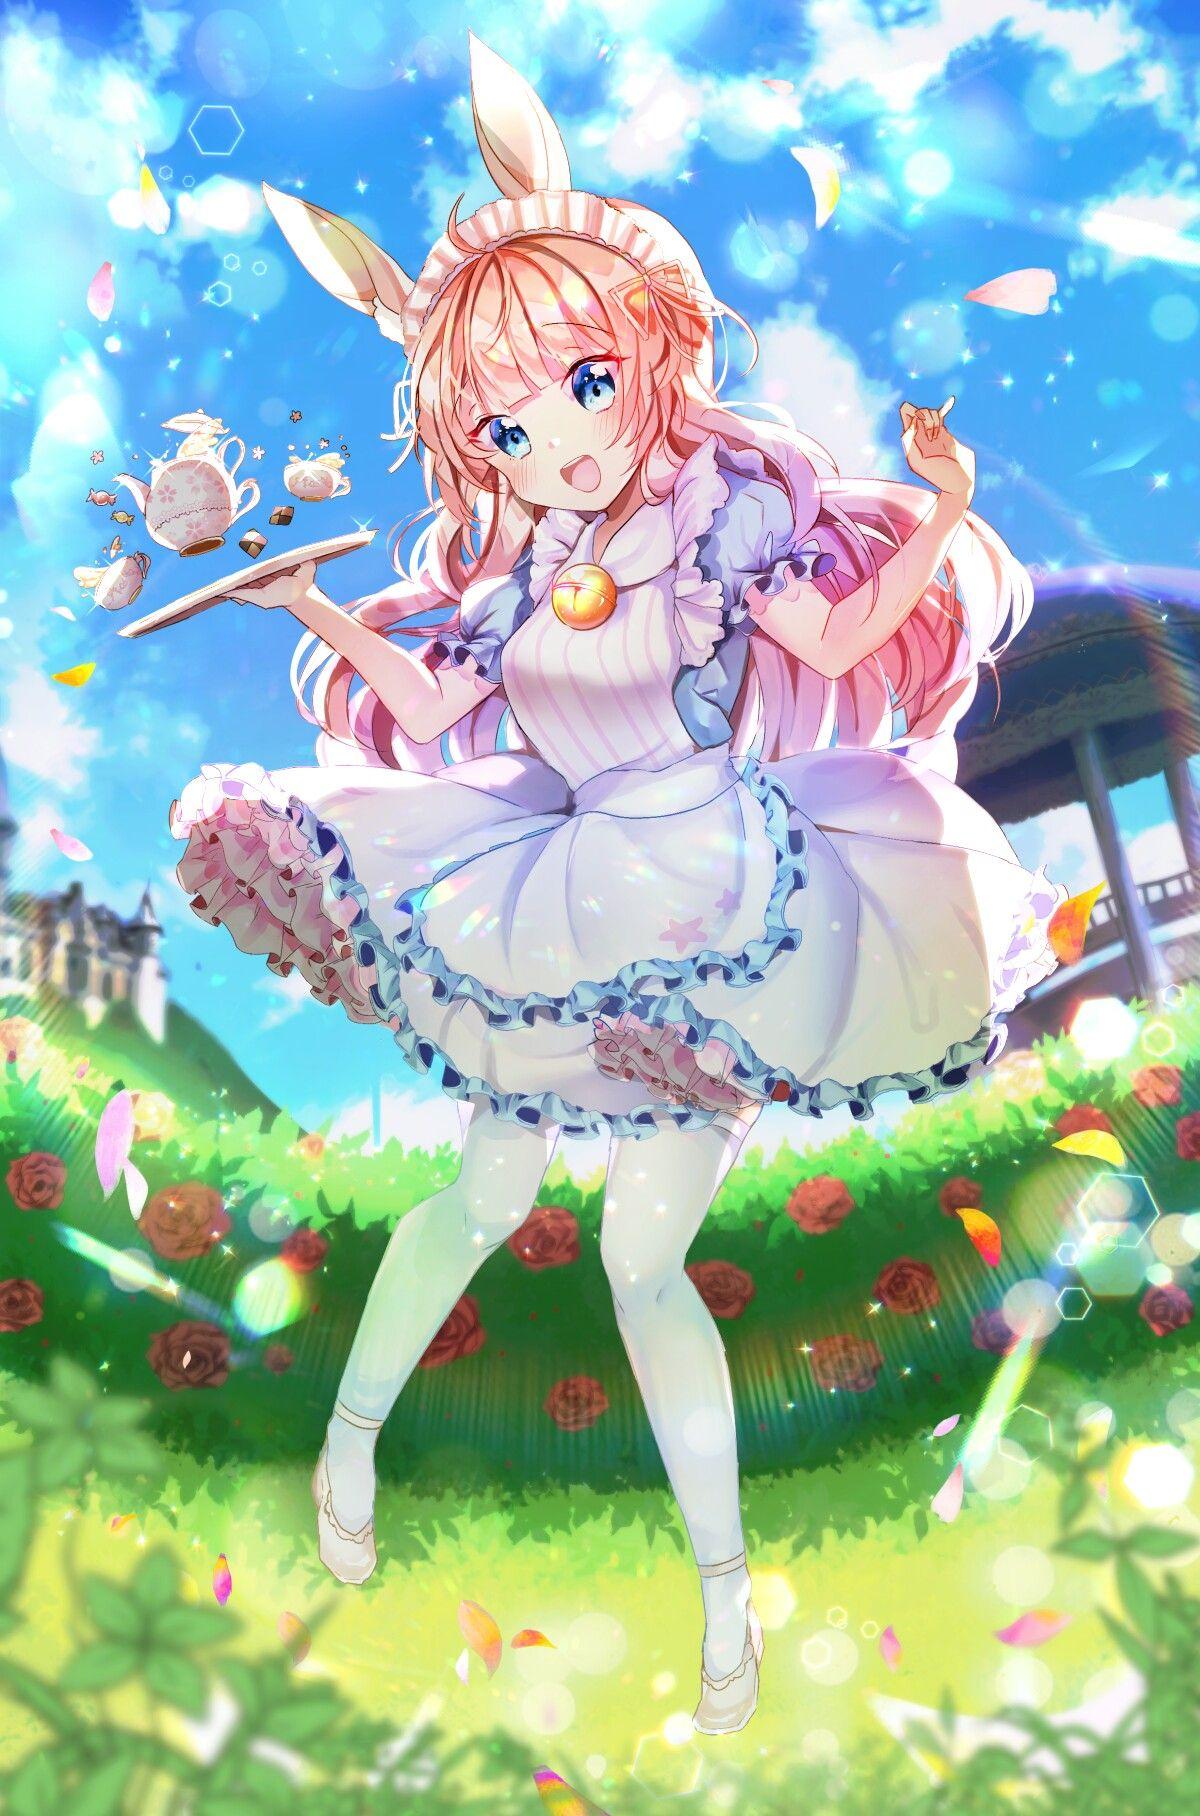 Pin On Anime Art ɓunny ɠirls